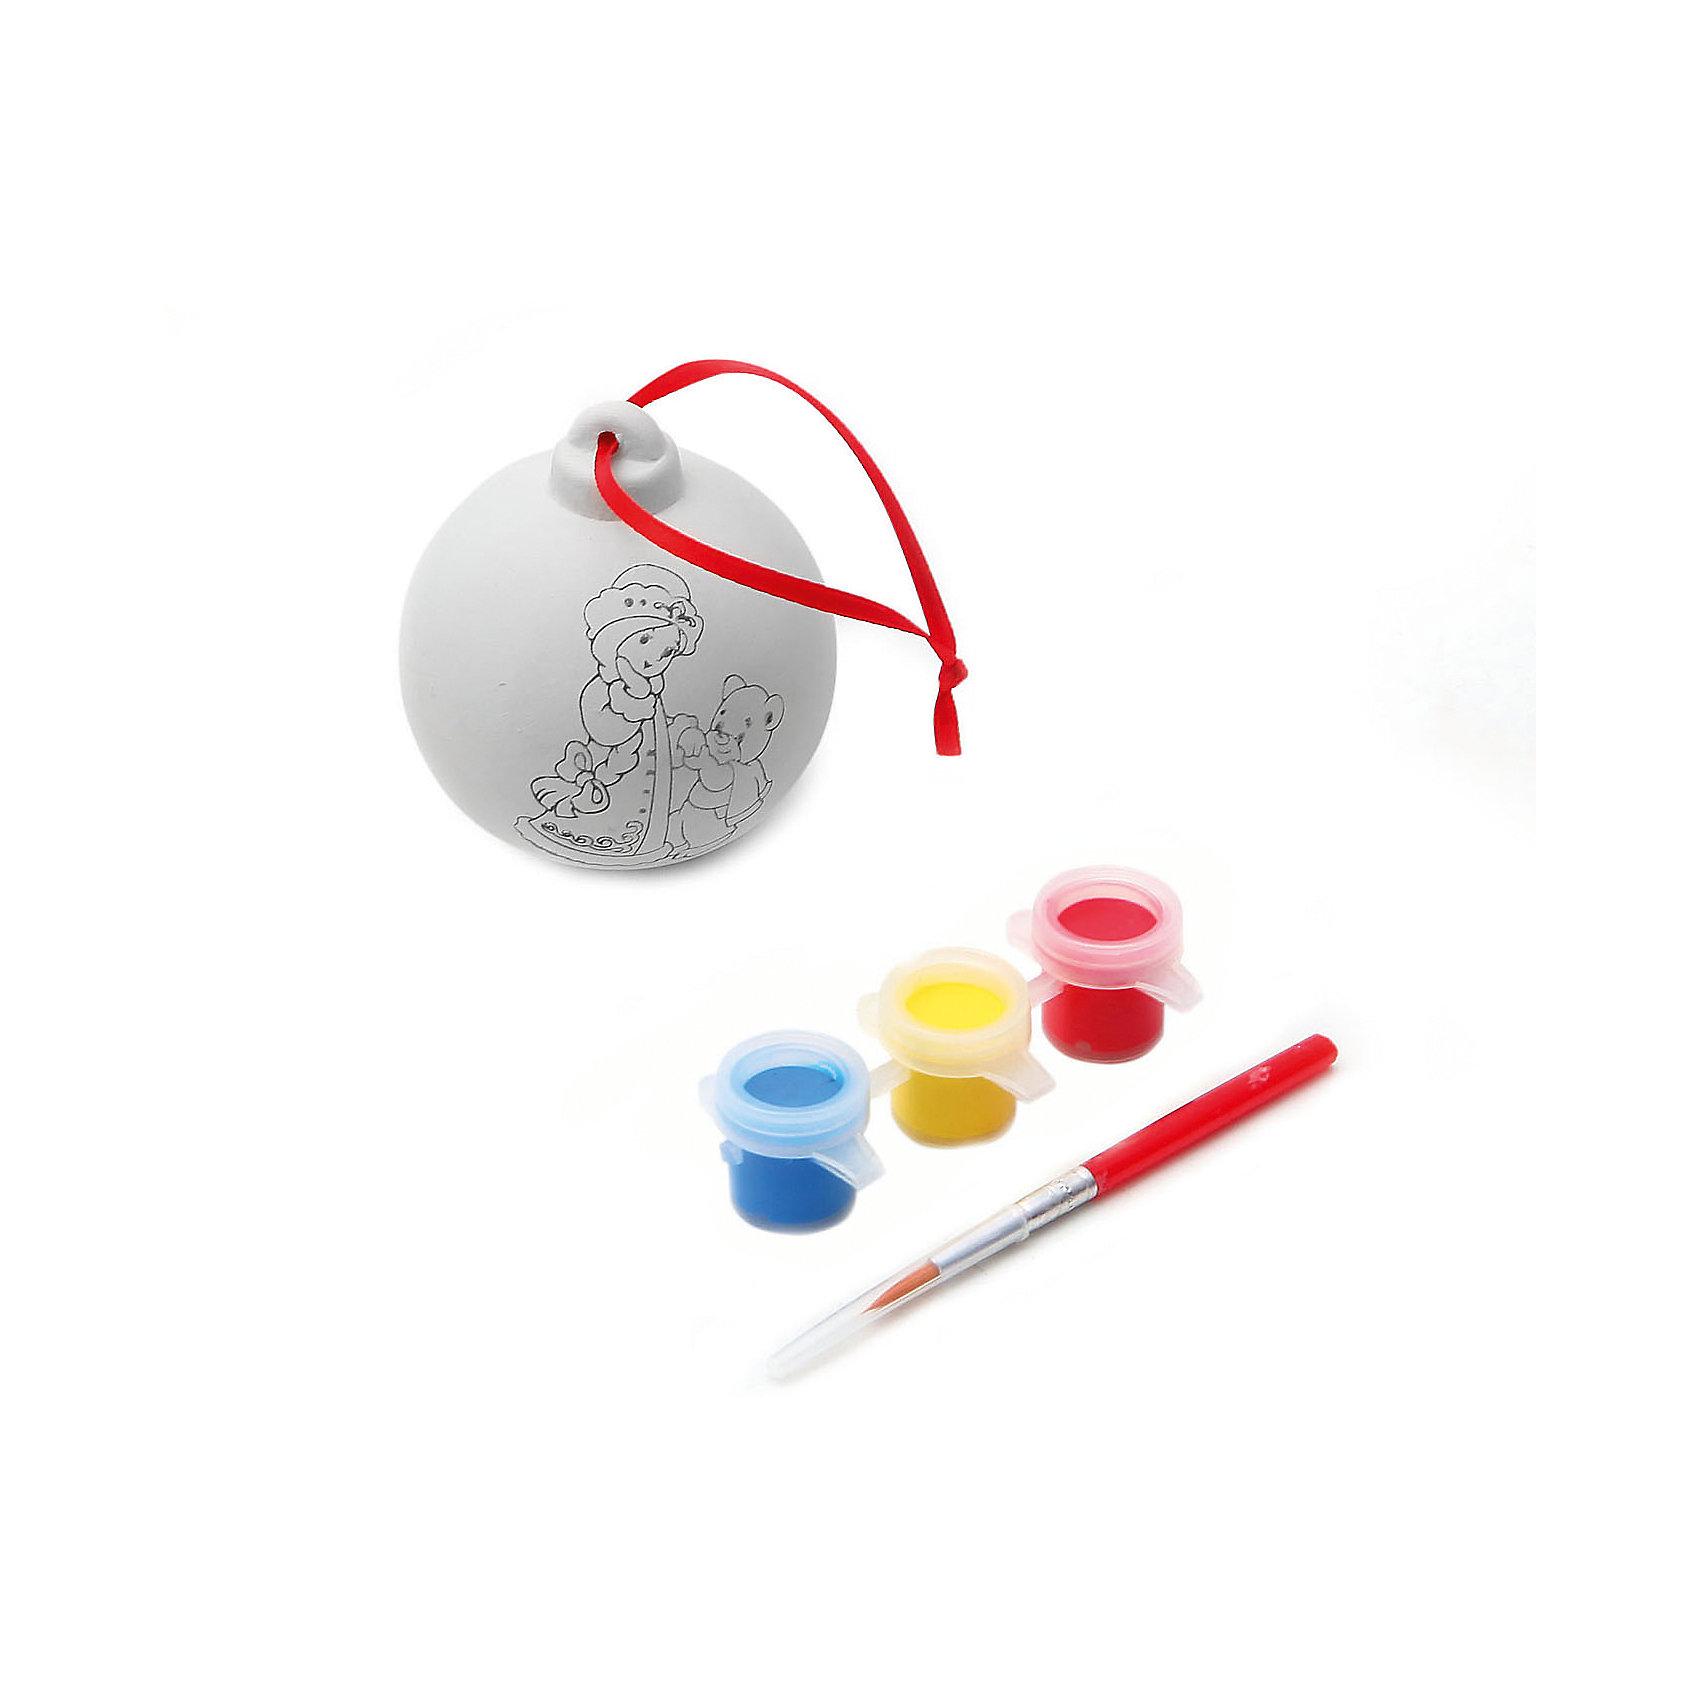 Набор для творчества Шар, BondibonНаборы для творчества новогодние<br>Набор для творчества Шар с красками и кисточкой, Bondibon (Бондибон).<br><br>Характеристики:<br><br>• Материал: керамика, краски, текстиль.<br>• В набор входит: <br>- шар для раскрашивания, <br>- краски 6 цветов,<br>- кисточка, <br>- инструкция.<br><br>Создайте новогоднее настроение вместе со своими детьми! Набор «Шар» поможет вам провести творчески досуг и создаст праздничное настроение. В наборе керамическая фигурка елочного шара, которую нужно раскрасить так, как вам подскажет фантазия. Раскрашивать изделия из керамики - очень интересно и увлекательно. Такой шар, раскрашенный вручную, станет отличным подарком! Работа с таким набором помогает развить творческие способности, усидчивость, внимательность, самостоятельность, координацию движений.<br><br>Набор для творчества Шар с красками и кисточкой, Bondibon (Бондибон), можно купить в нашем интернет – магазине.<br><br>Ширина мм: 110<br>Глубина мм: 65<br>Высота мм: 170<br>Вес г: 115<br>Возраст от месяцев: 60<br>Возраст до месяцев: 1188<br>Пол: Унисекс<br>Возраст: Детский<br>SKU: 5124532